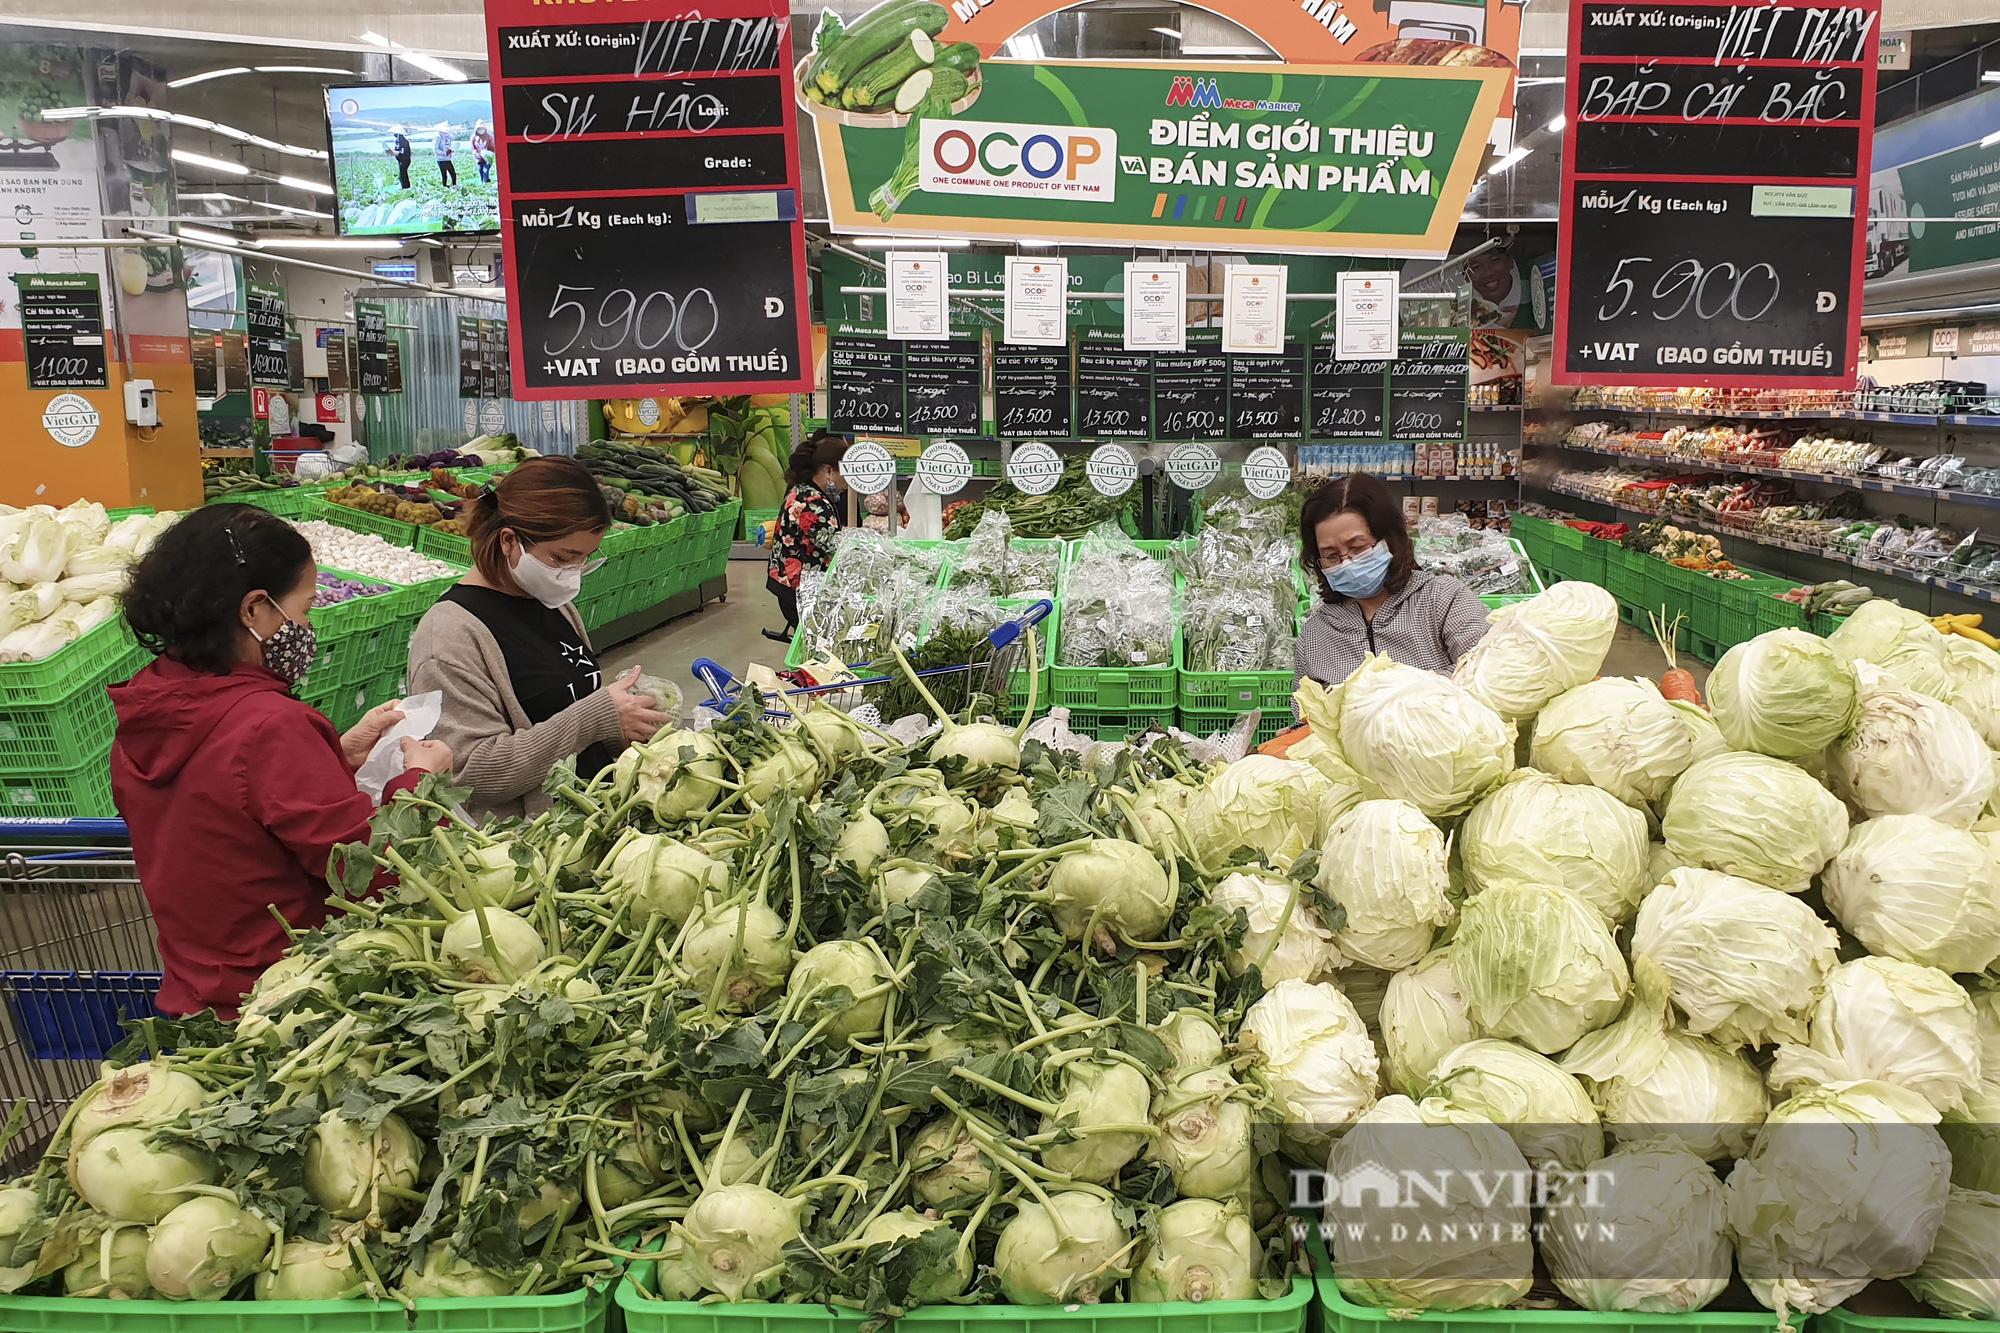 Nhiều hệ thống siêu thị Hà Nội bắt đầu bán nông sản Hải Dương - Ảnh 2.